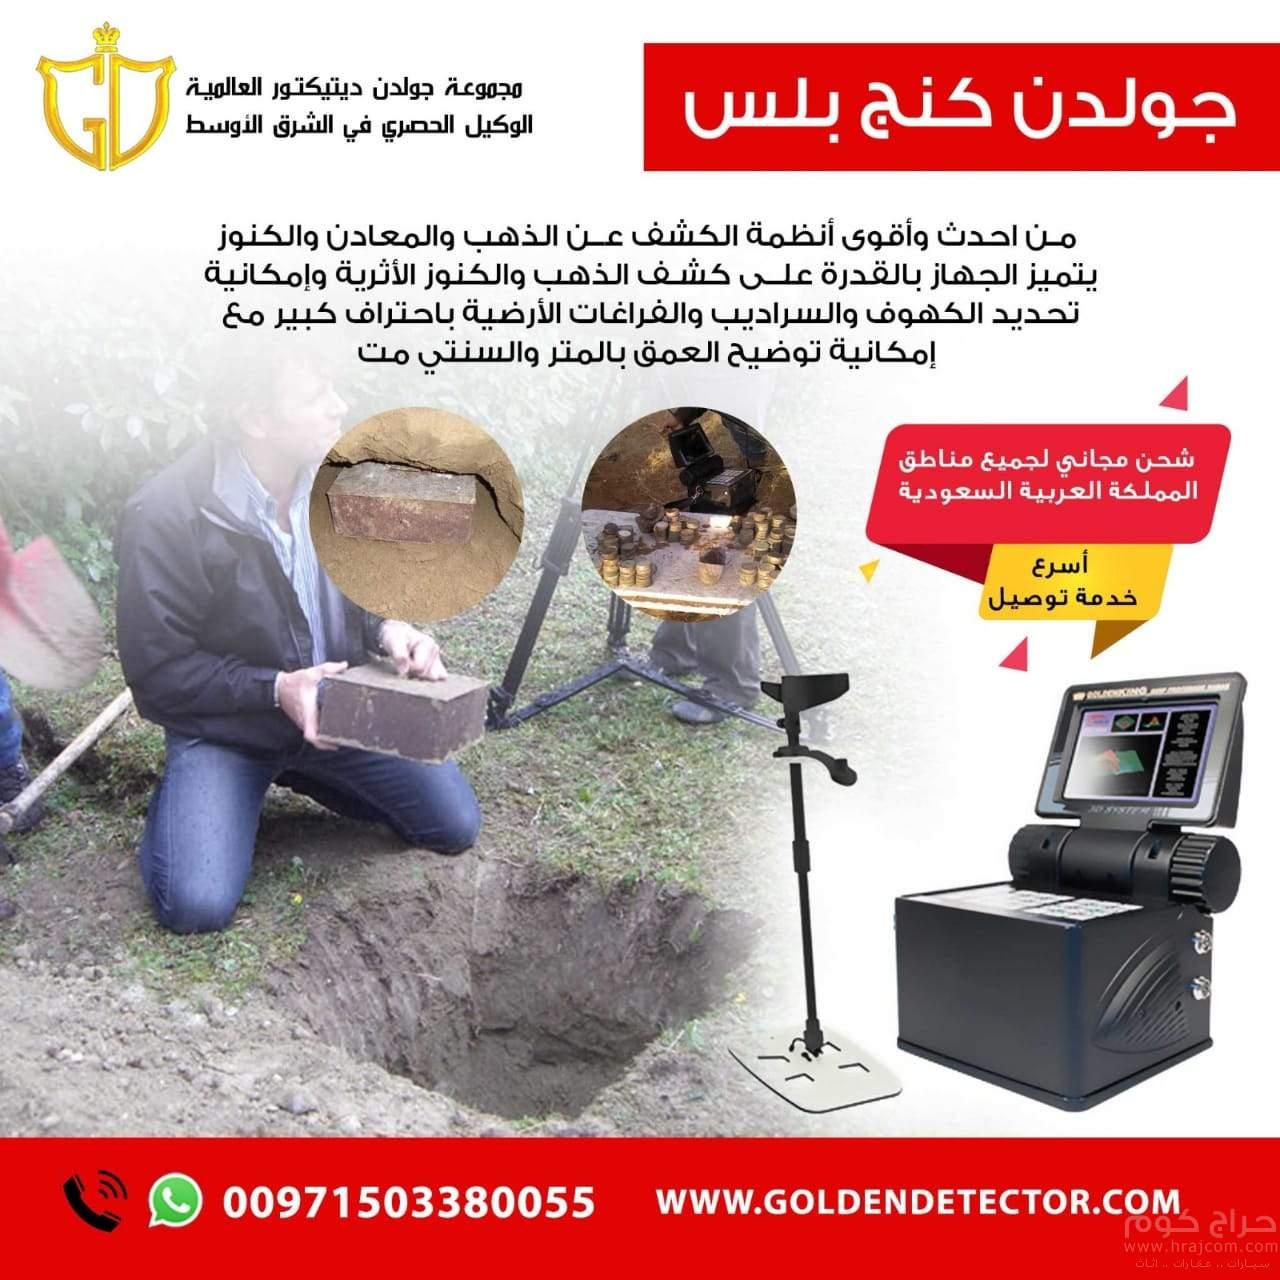 جهاز كشف الذهب جولدن كينج بلس - اجهزة كشف الذهب